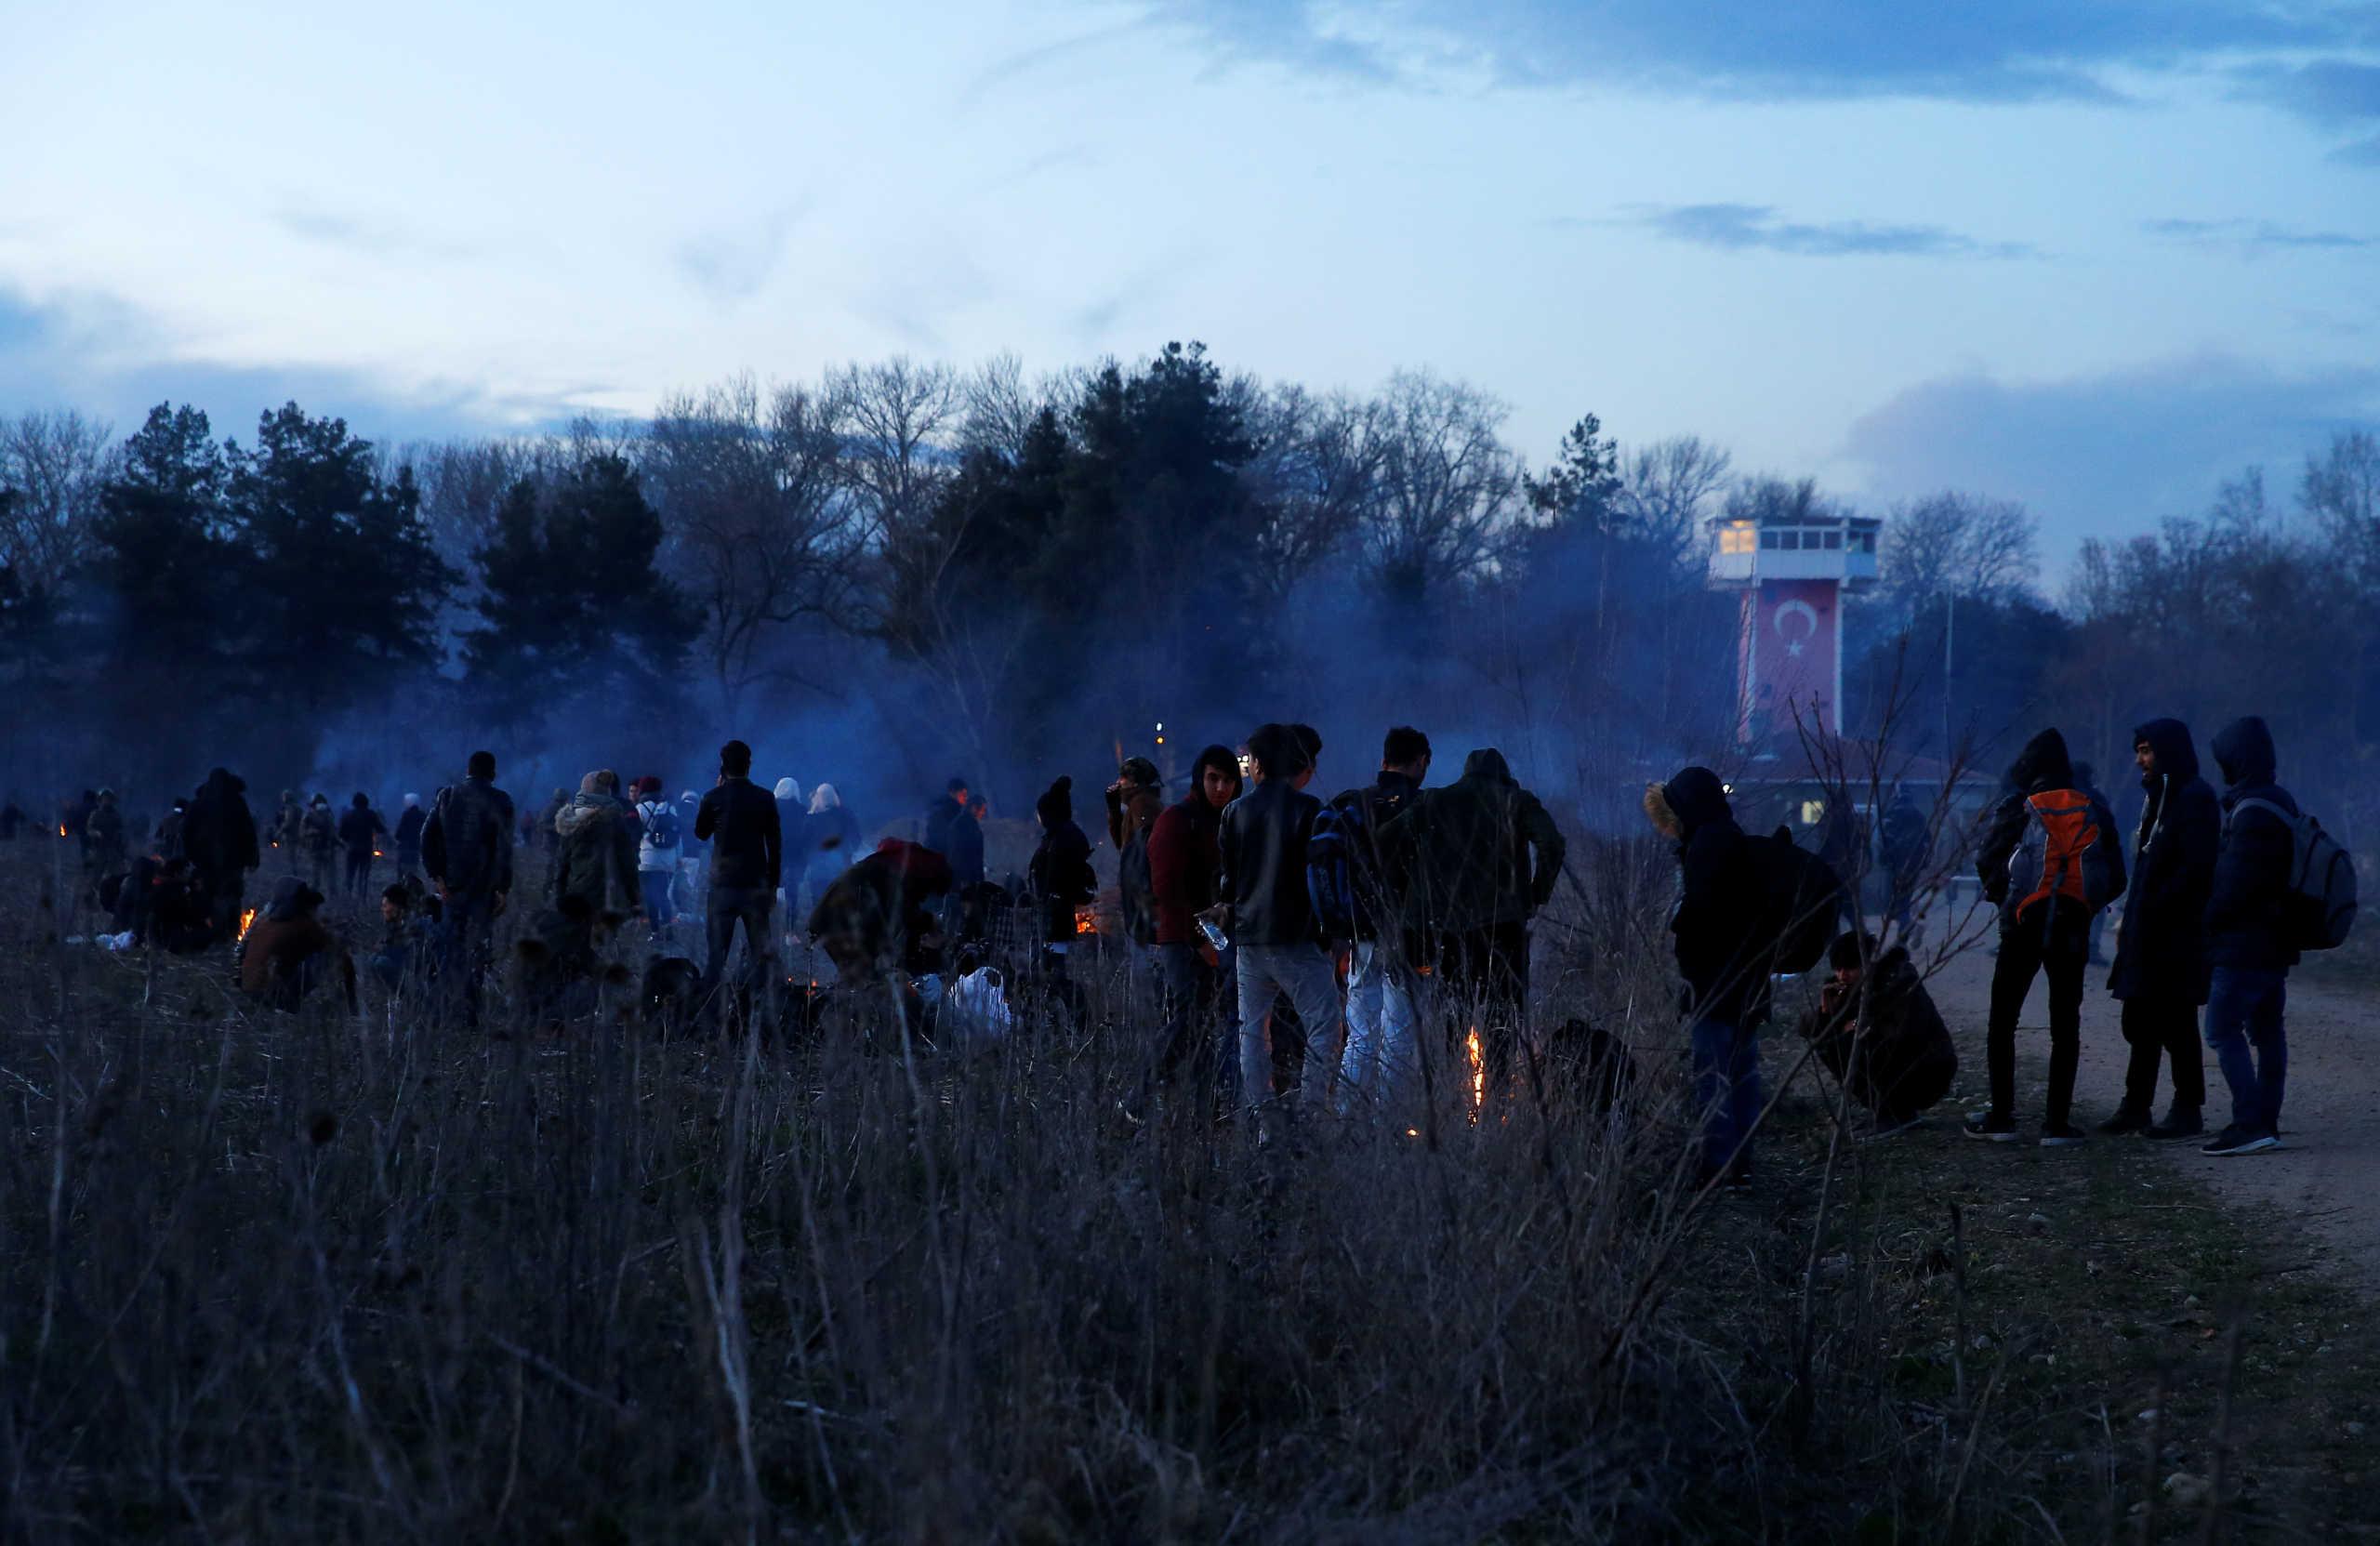 Καστανιές: Πρόσφυγες επιχείρησαν και πάλι να περάσουν τα σύνορα! Έπεσαν δακρυγόνα